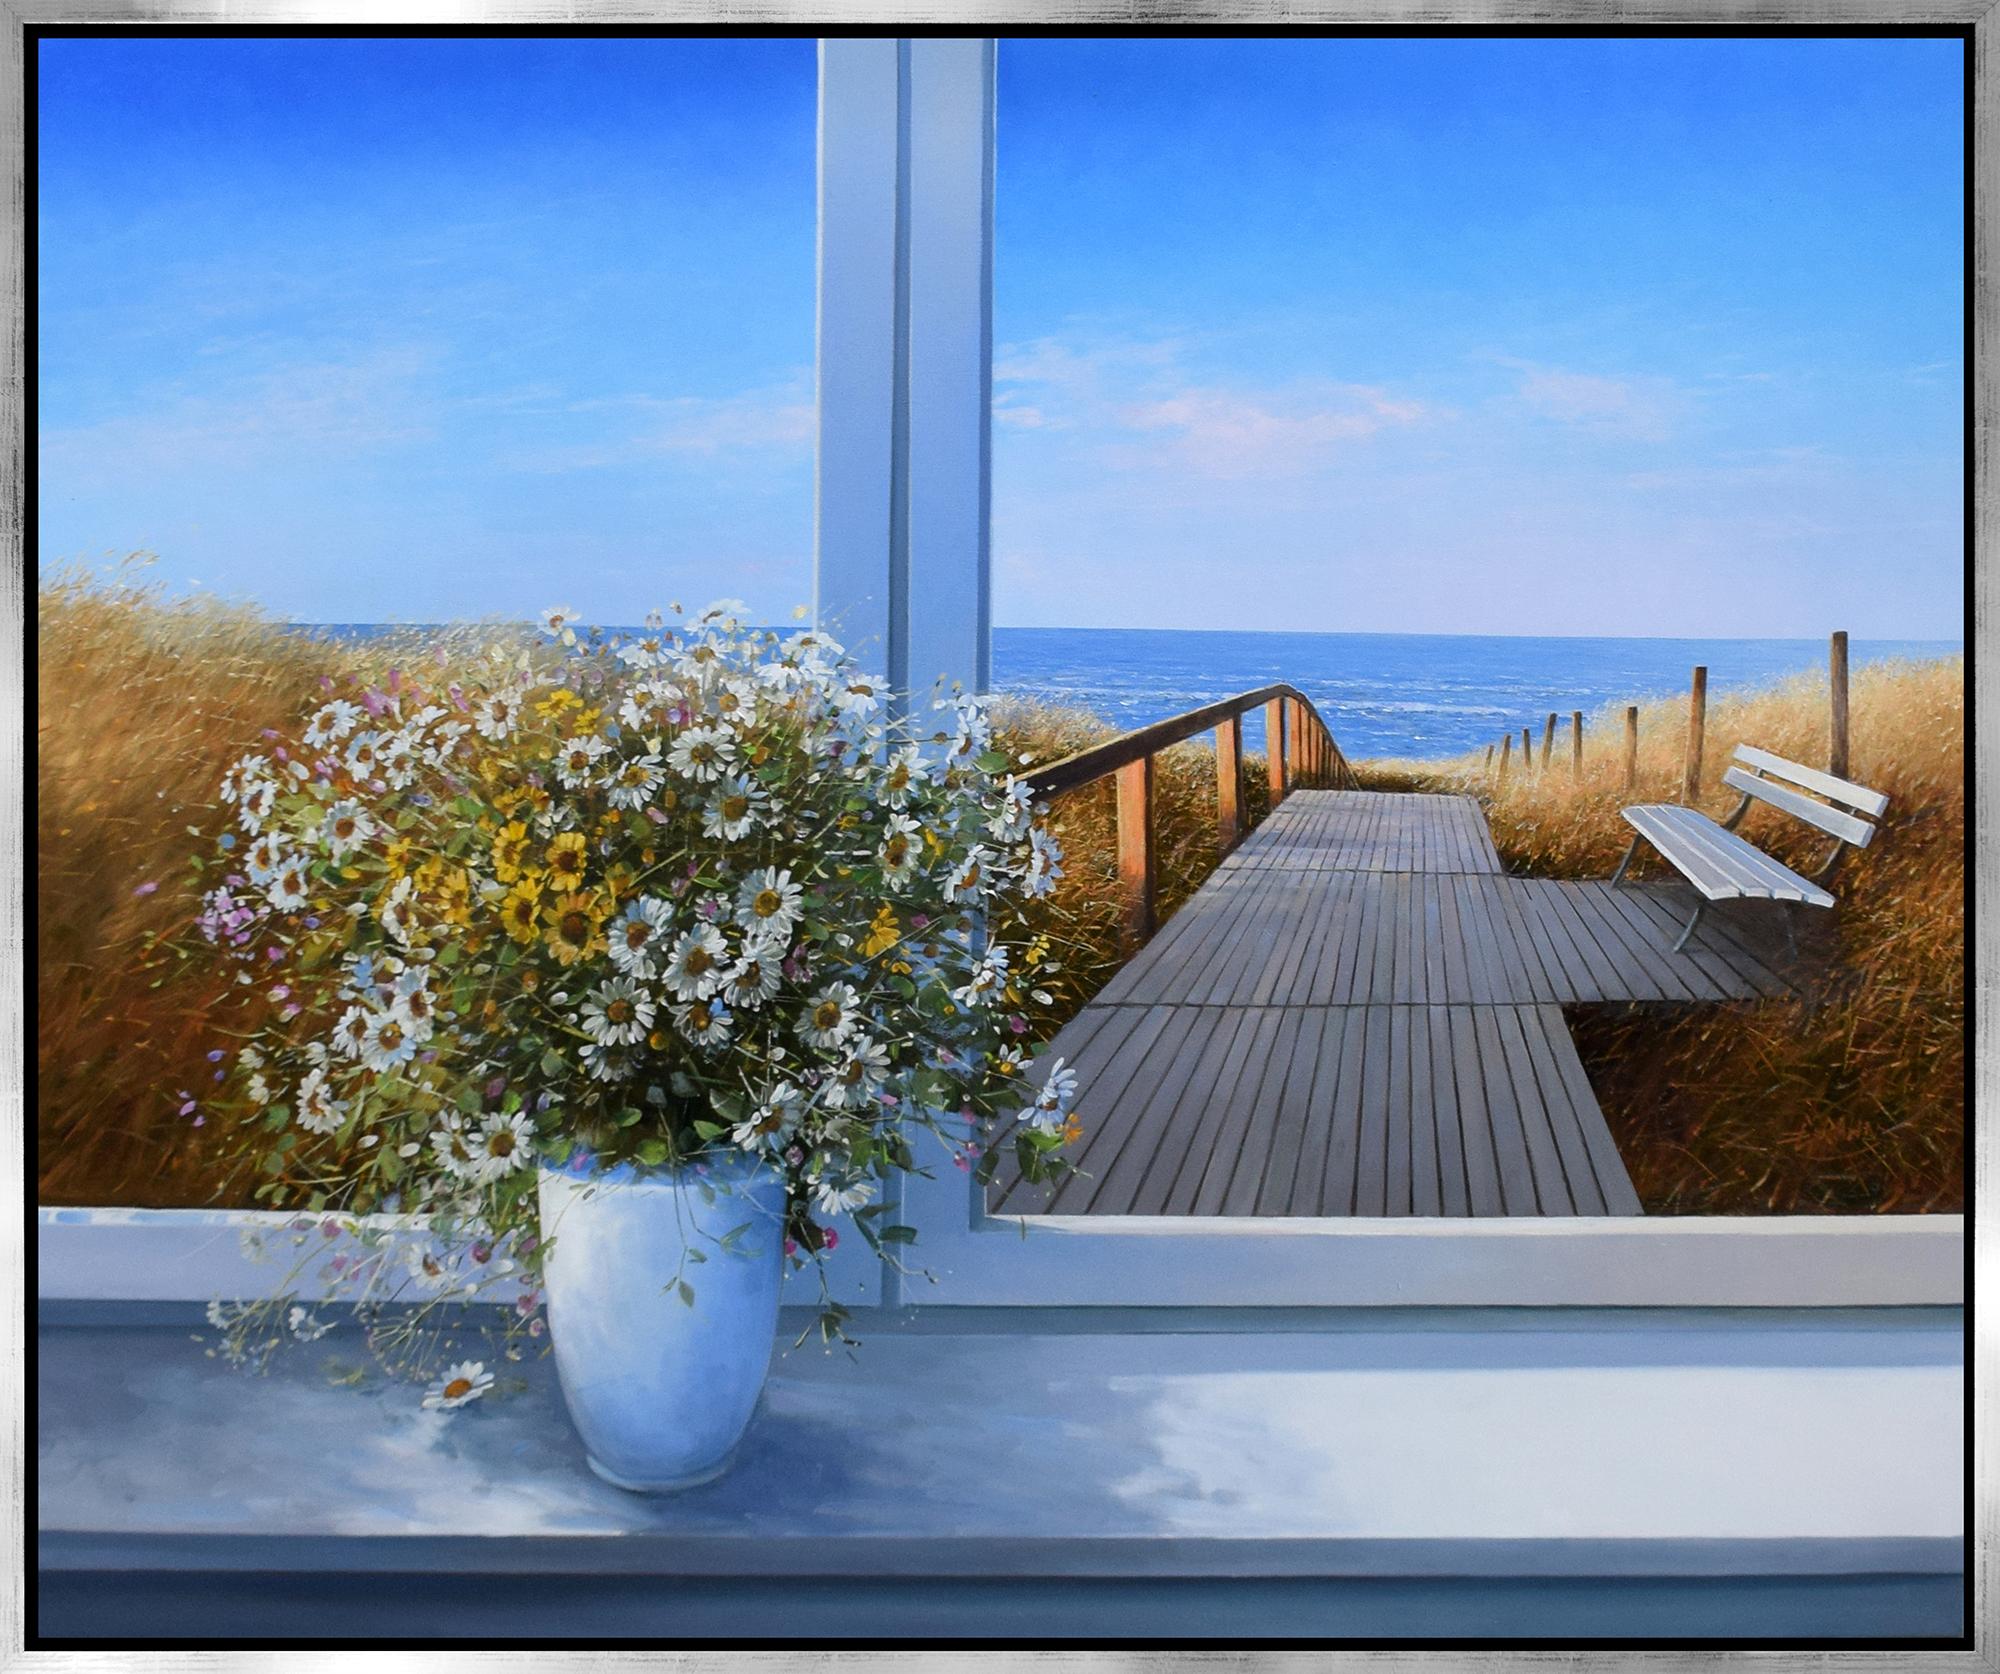 Detlef Rahn - Sommerstrauß am Fenster